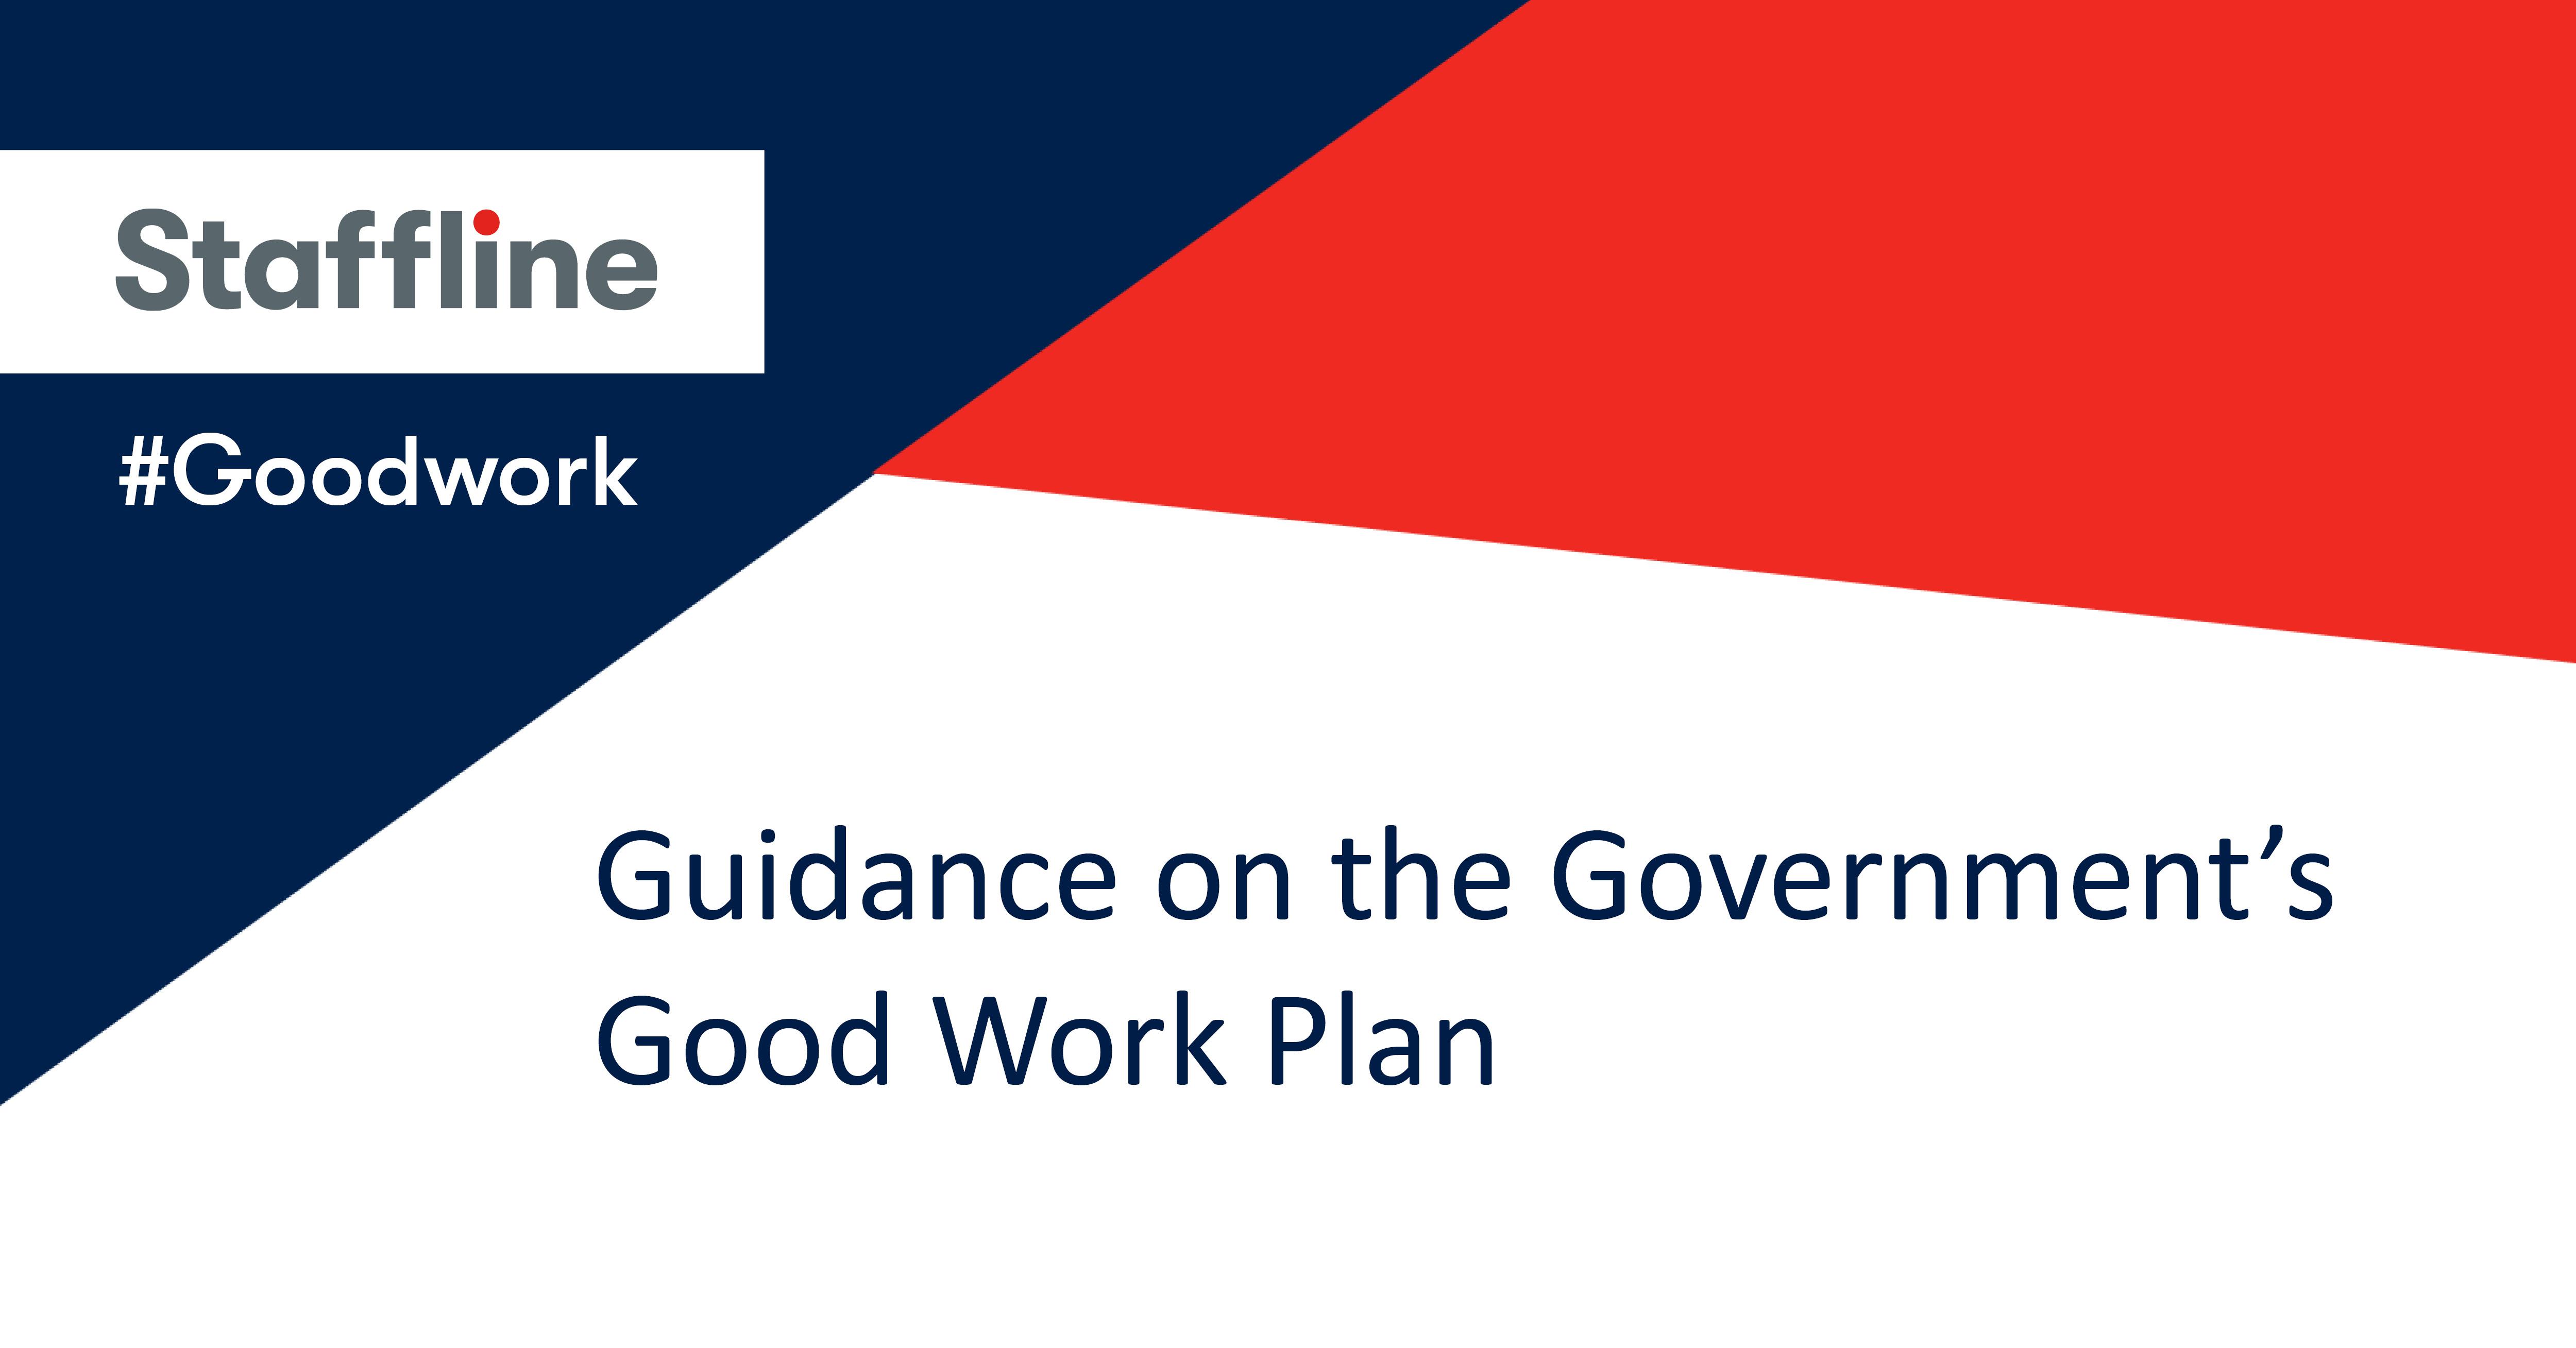 Good Work Plan